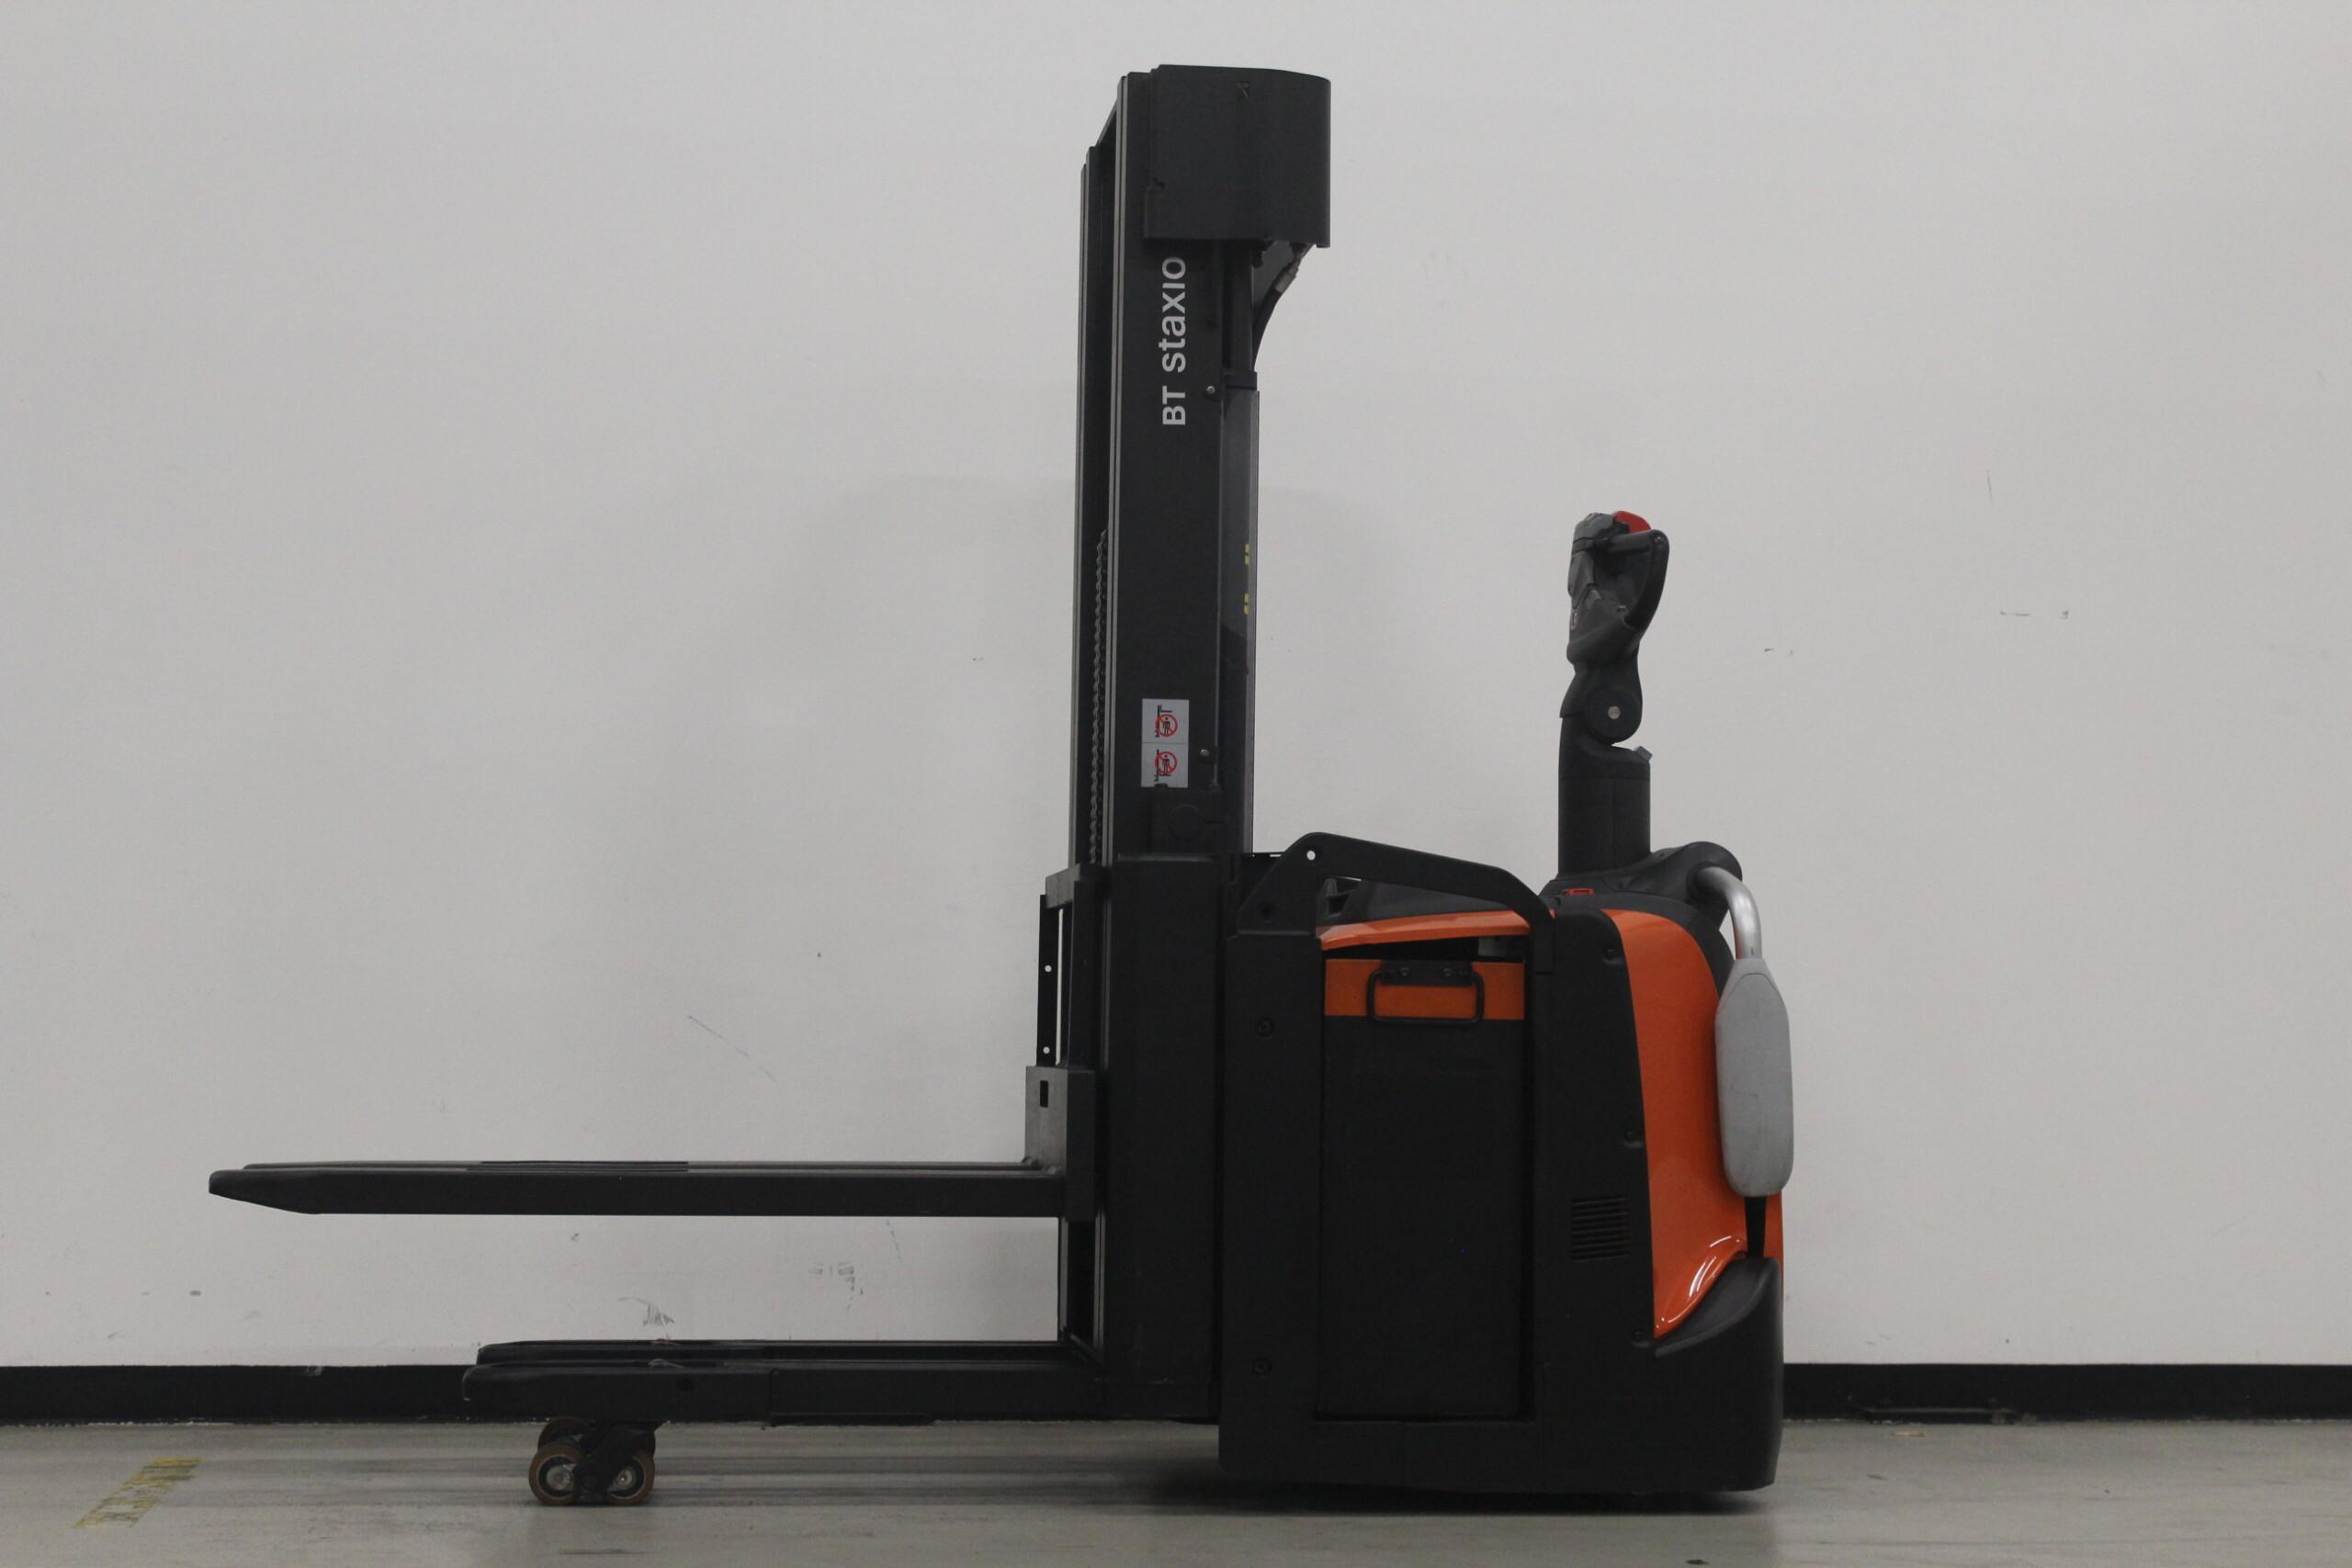 Toyota-Gabelstapler-59840 1712015667 1 7 scaled